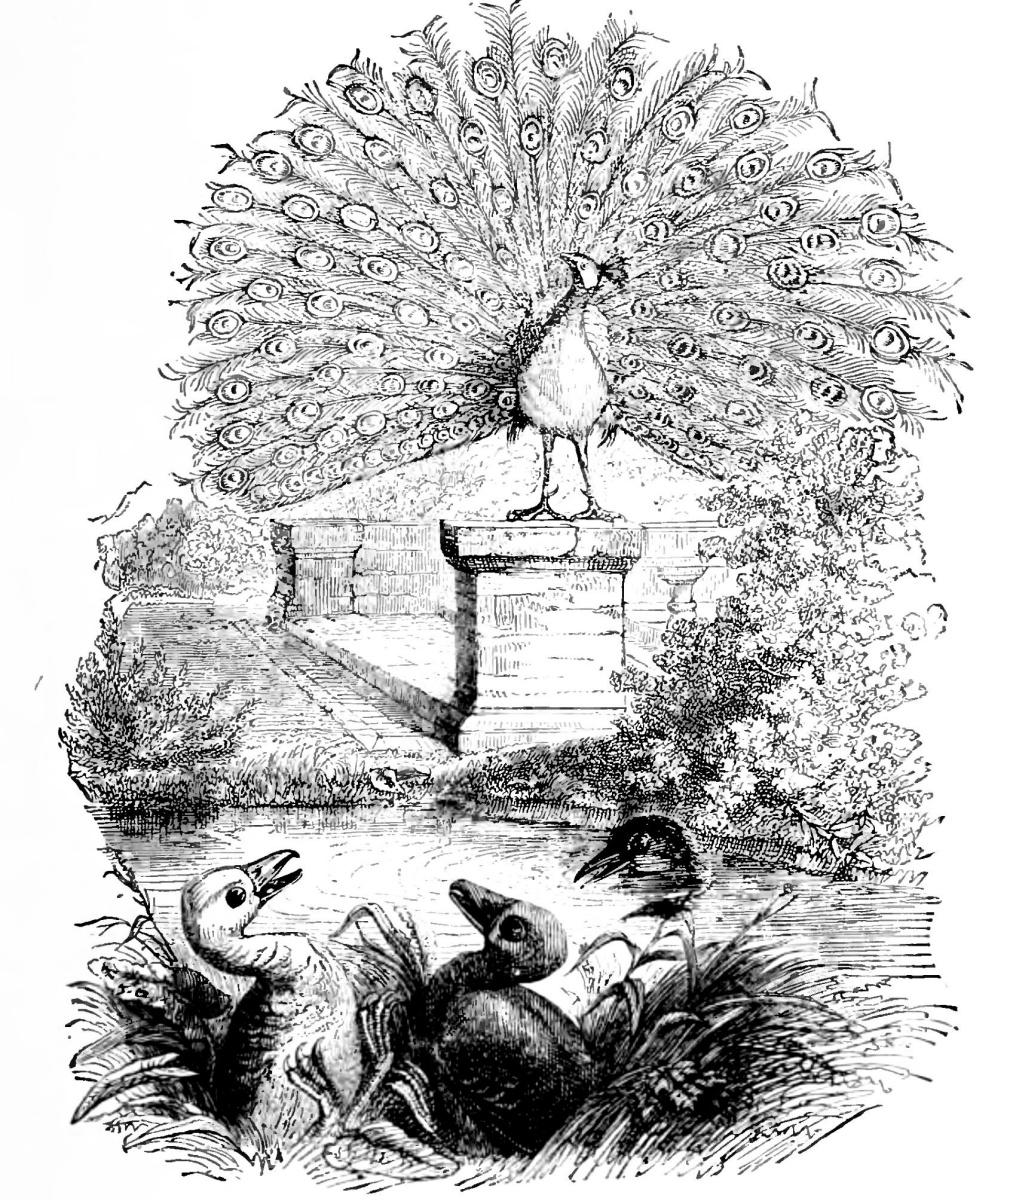 Жан Иньяс Изидор (Жерар) Гранвиль. Павлин, два Гусенка и Нырок. Иллюстрации к басням Флориана